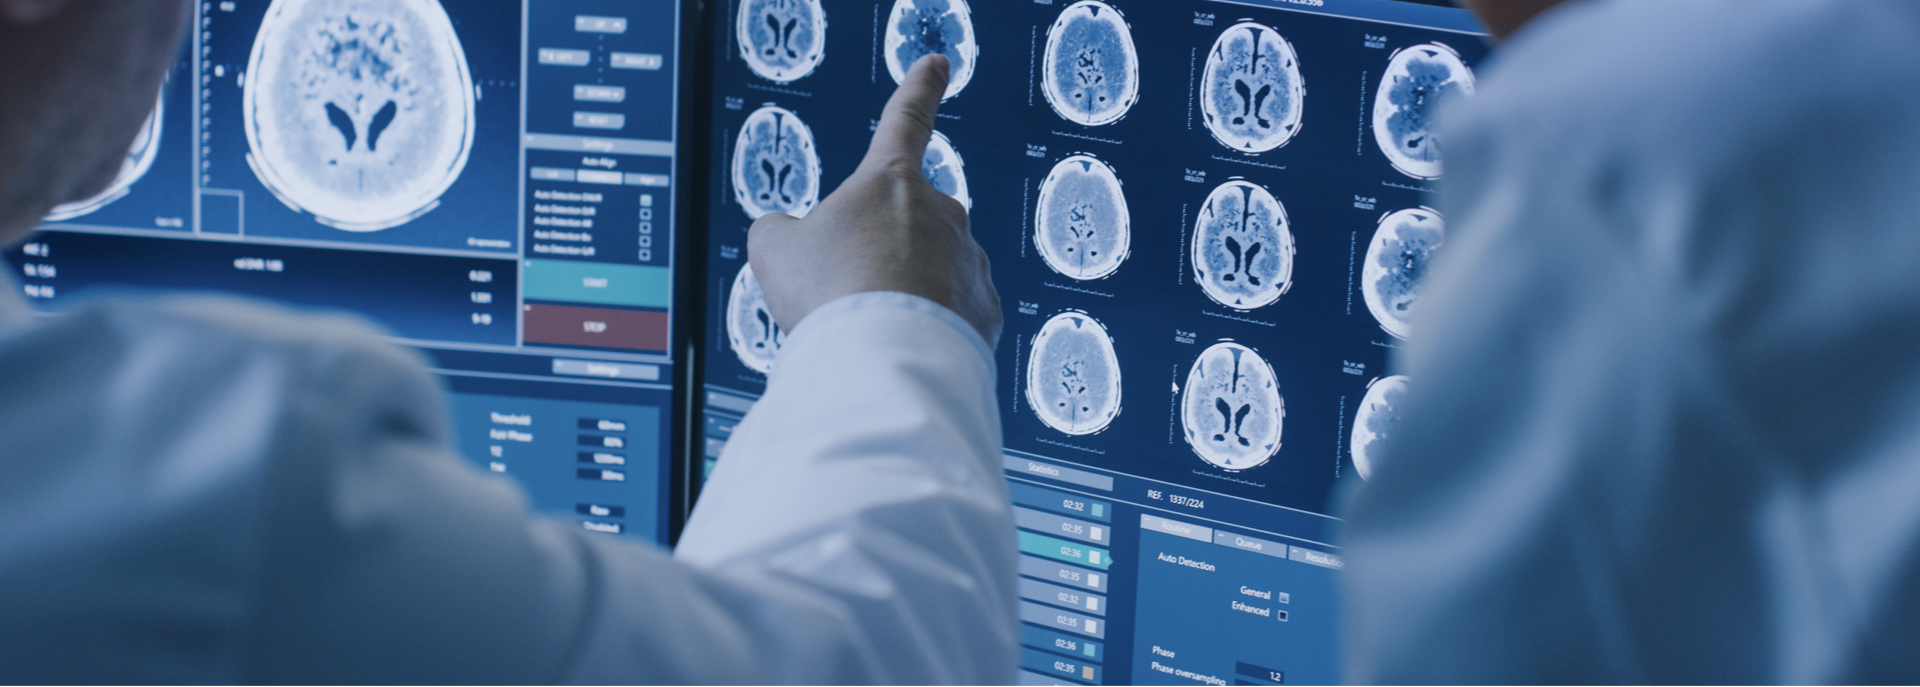 Innovazione e ultimi progetti: il nuovo primario di Radiologia dell'Ospedale Sacra Famiglia di Erba